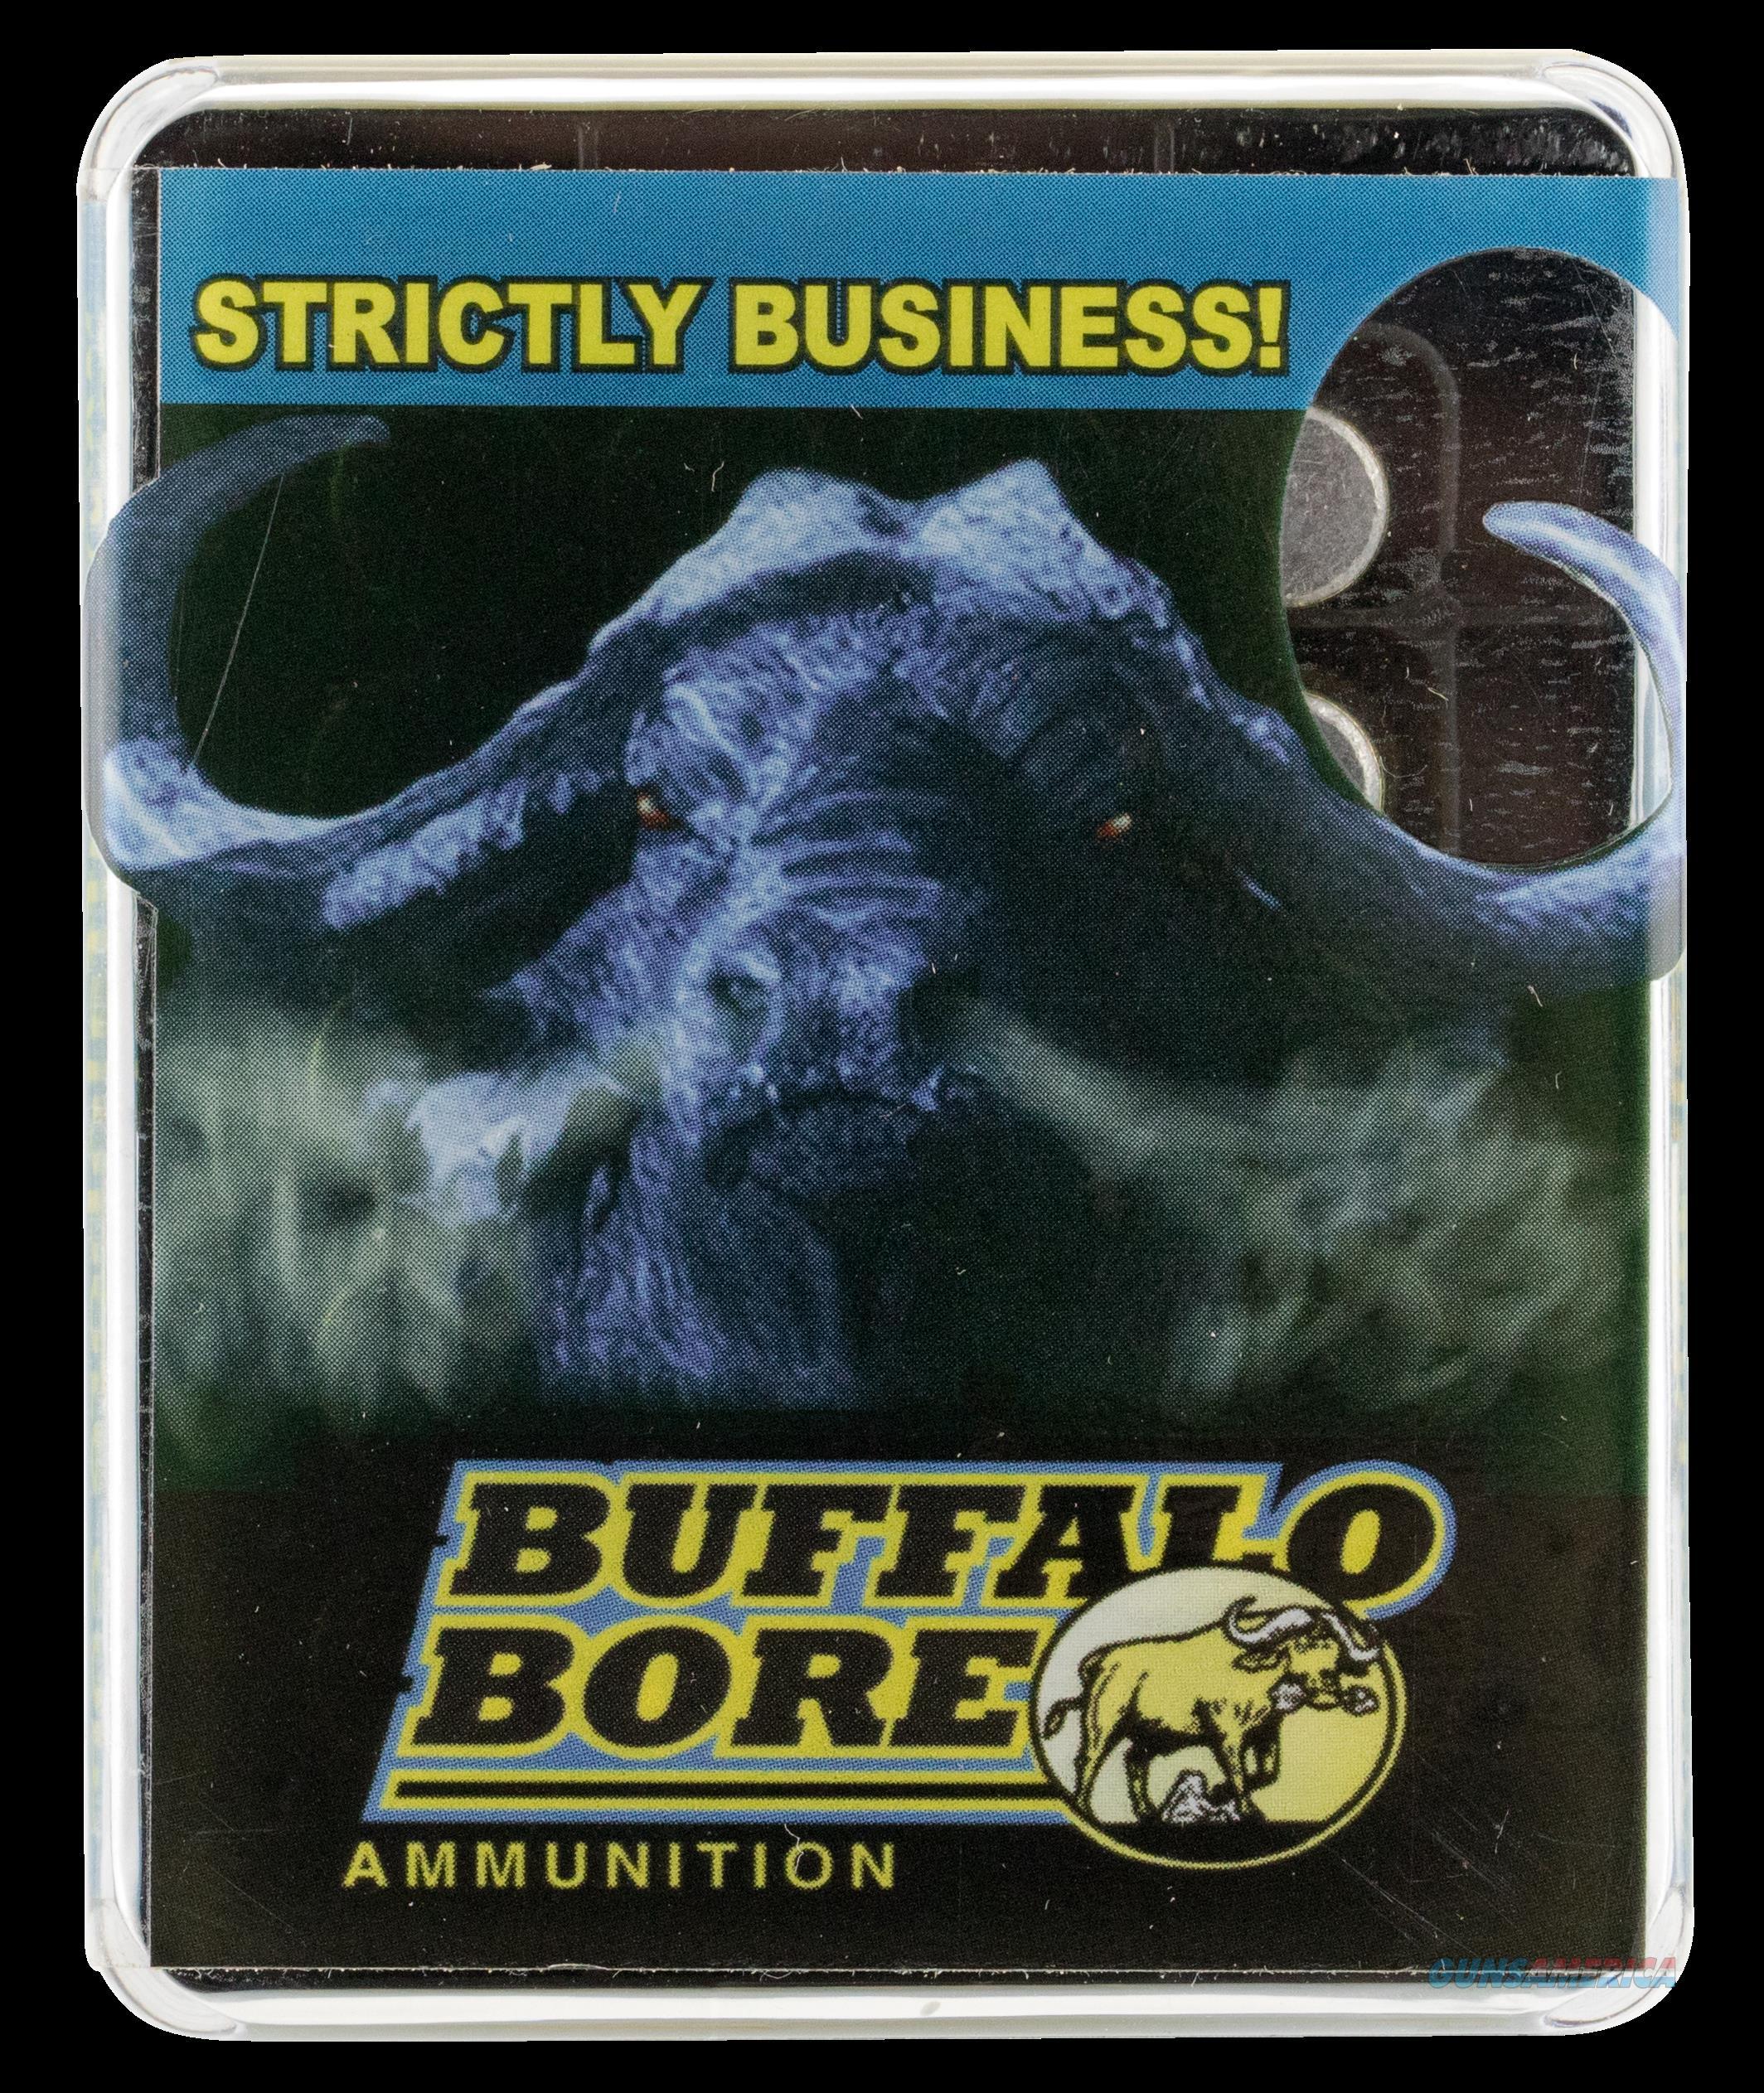 Buffalo Bore Ammunition Pistol, Bba 7a-20 45cas 325g Hc Lbtfn    20-12  Guns > Pistols > 1911 Pistol Copies (non-Colt)